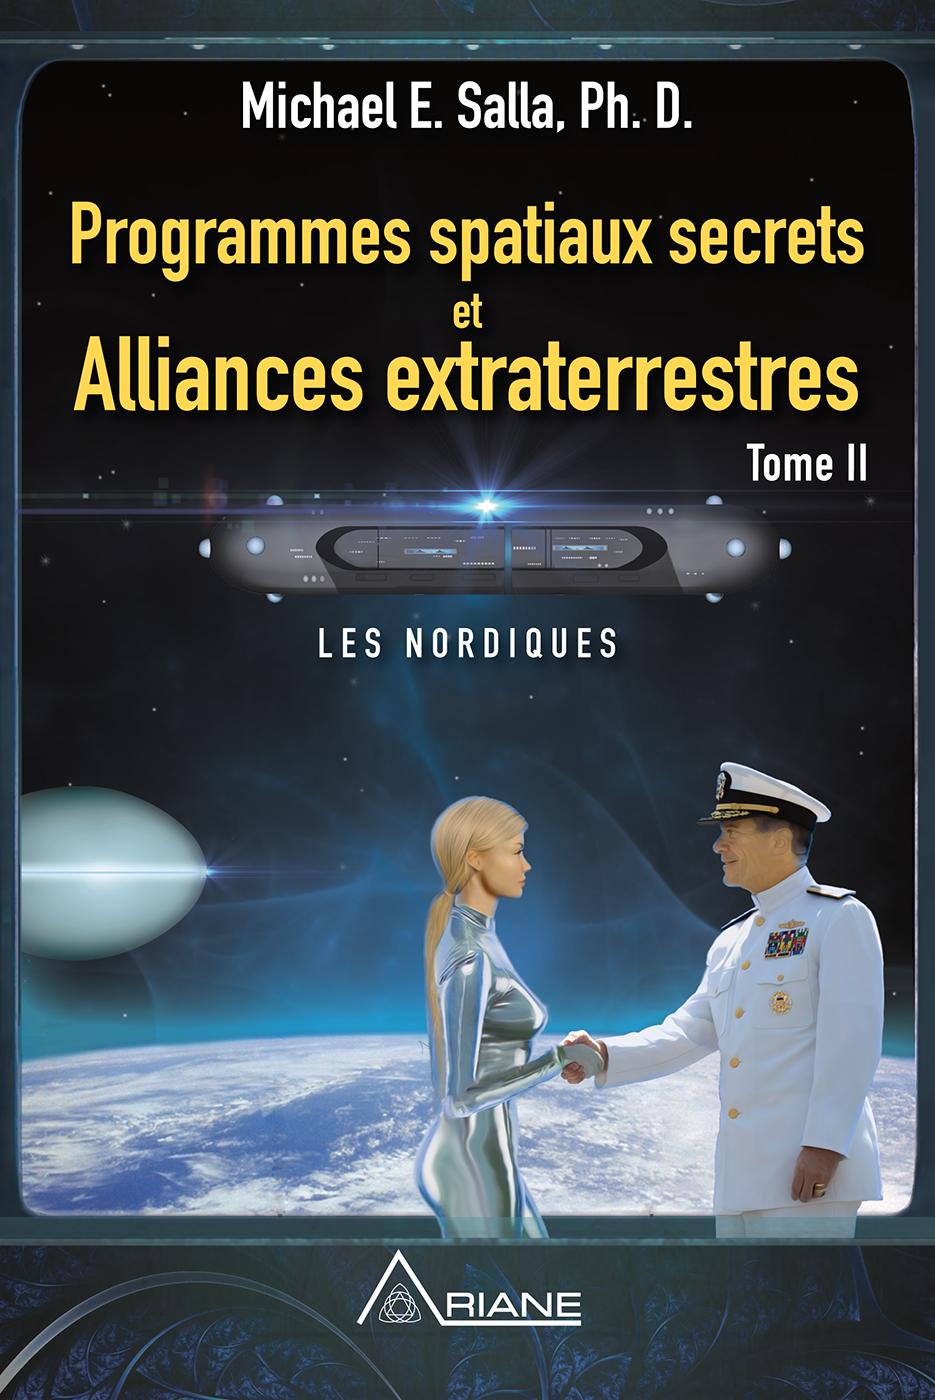 Programmes spatiaux secrets et alliances extraterrestres, tome II